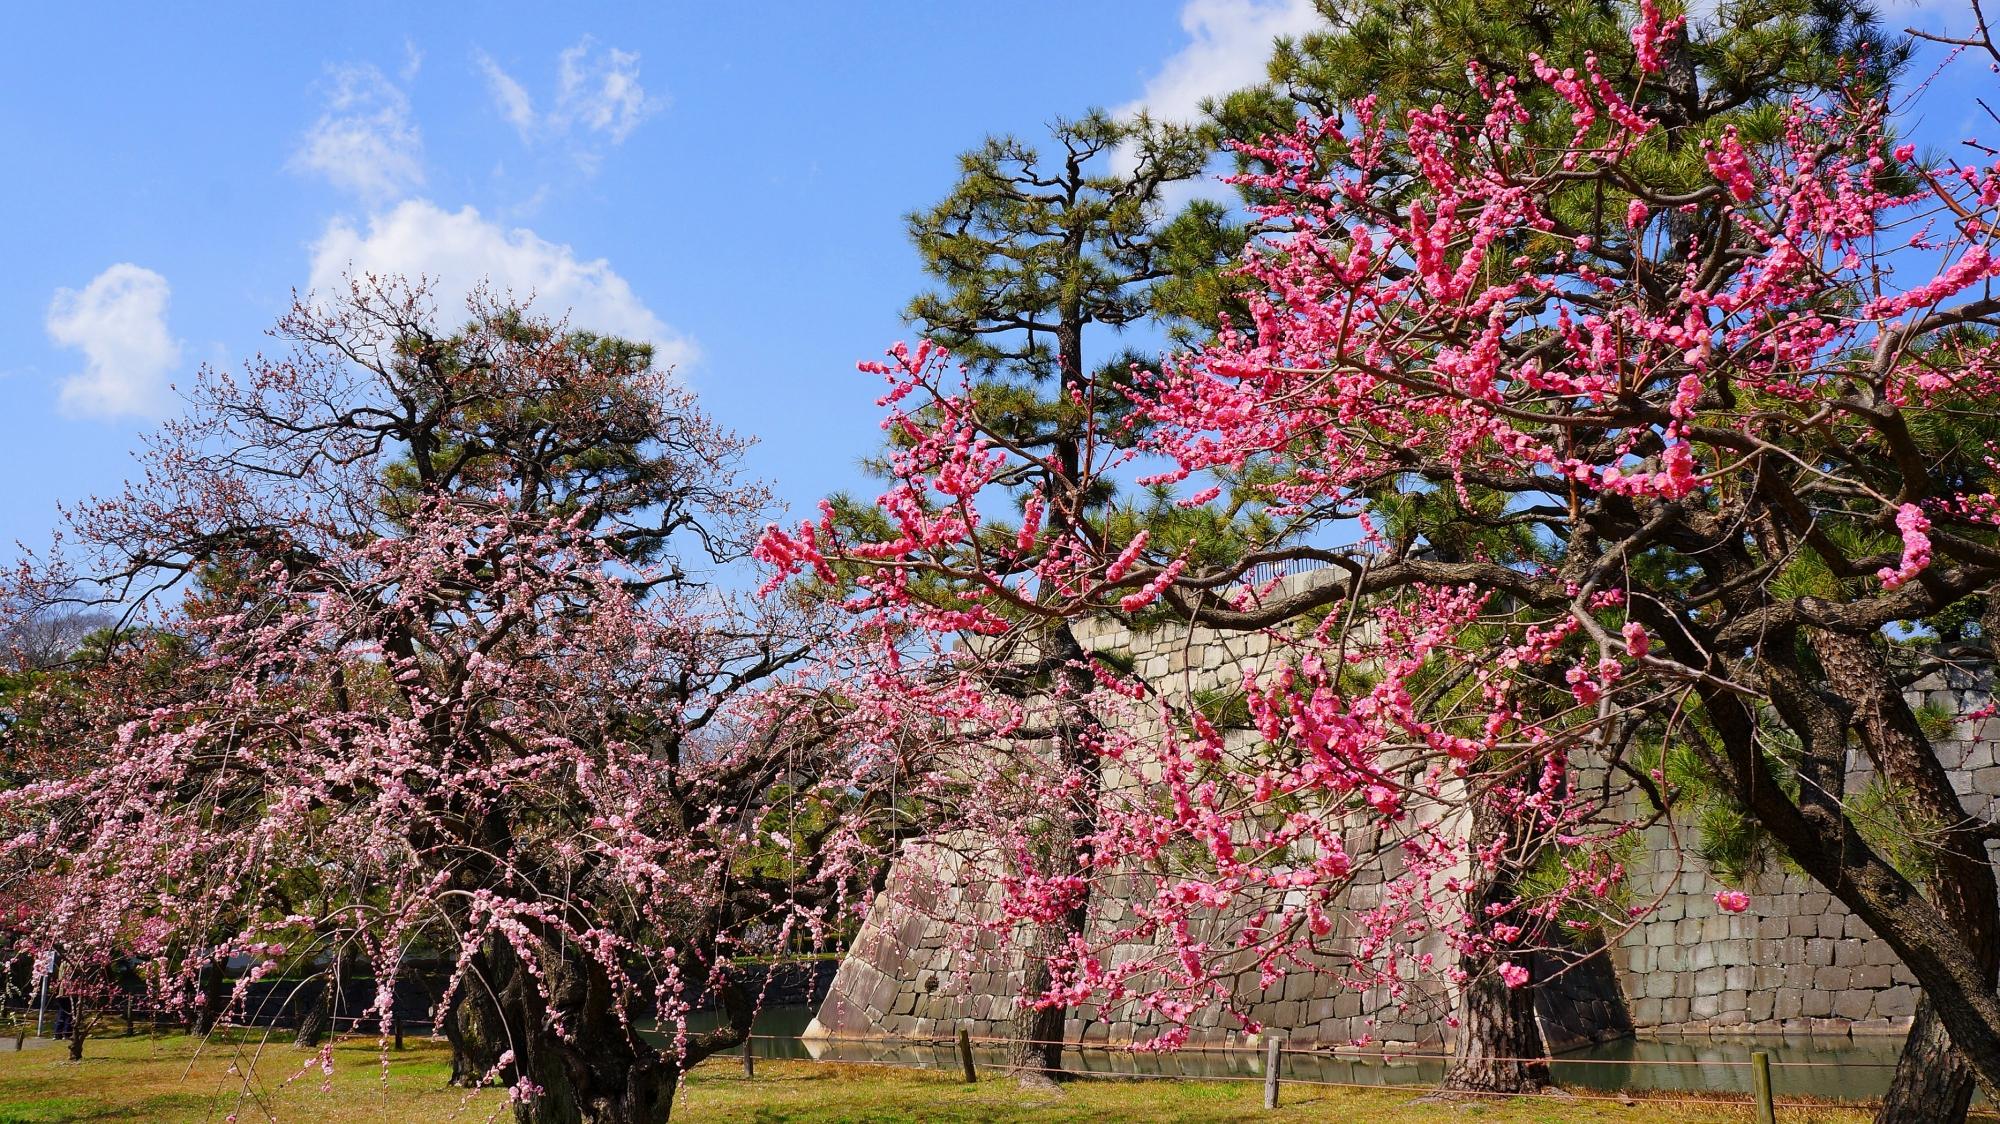 鮮やかな濃いピンクの梅と華やかな薄いピンクのしだれ梅